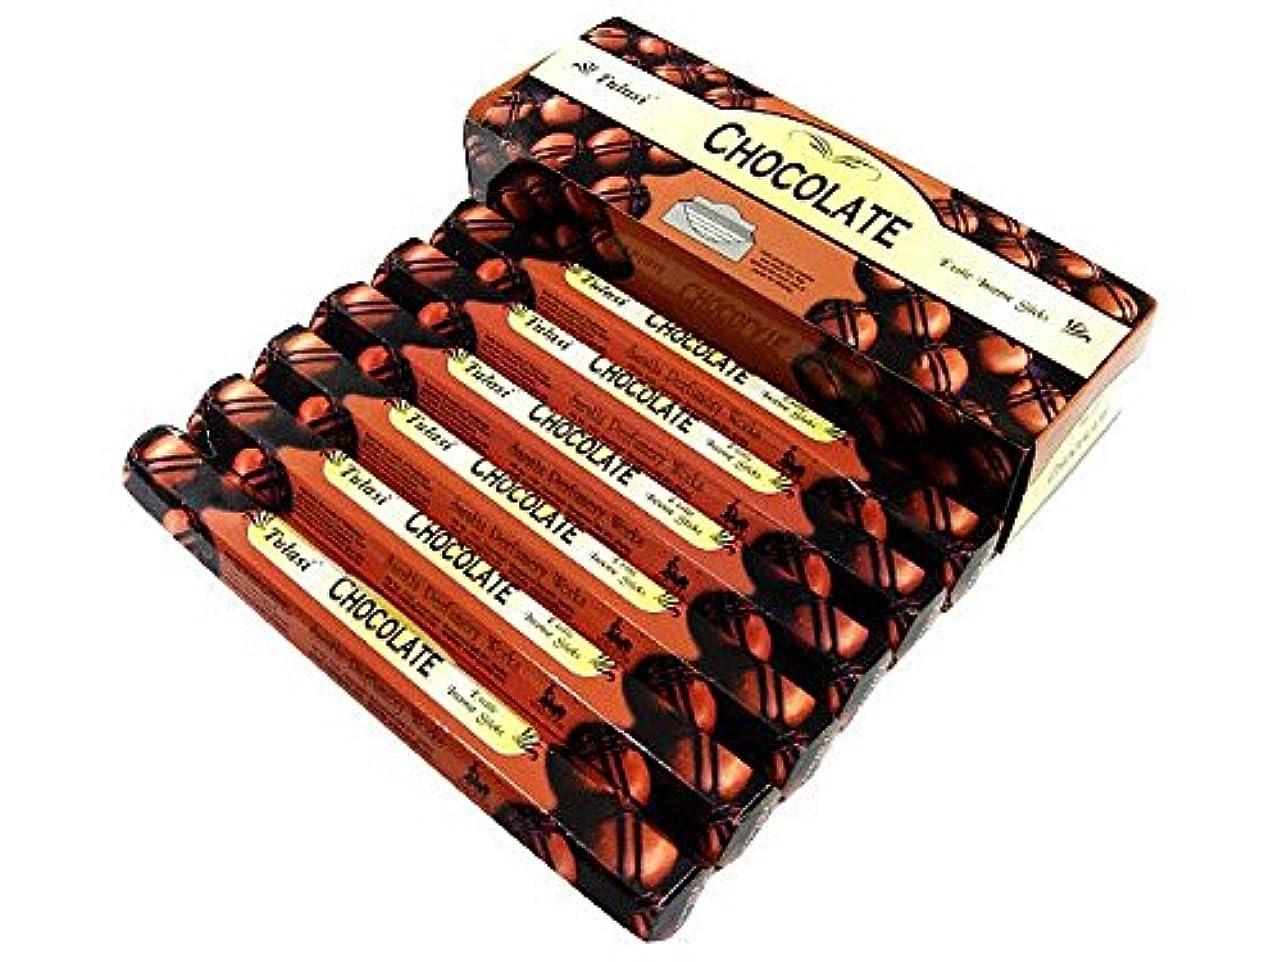 溶岩財産不運TULASI(トゥラシ) チョコレート香 スティック CHOCOLATE 6箱セット